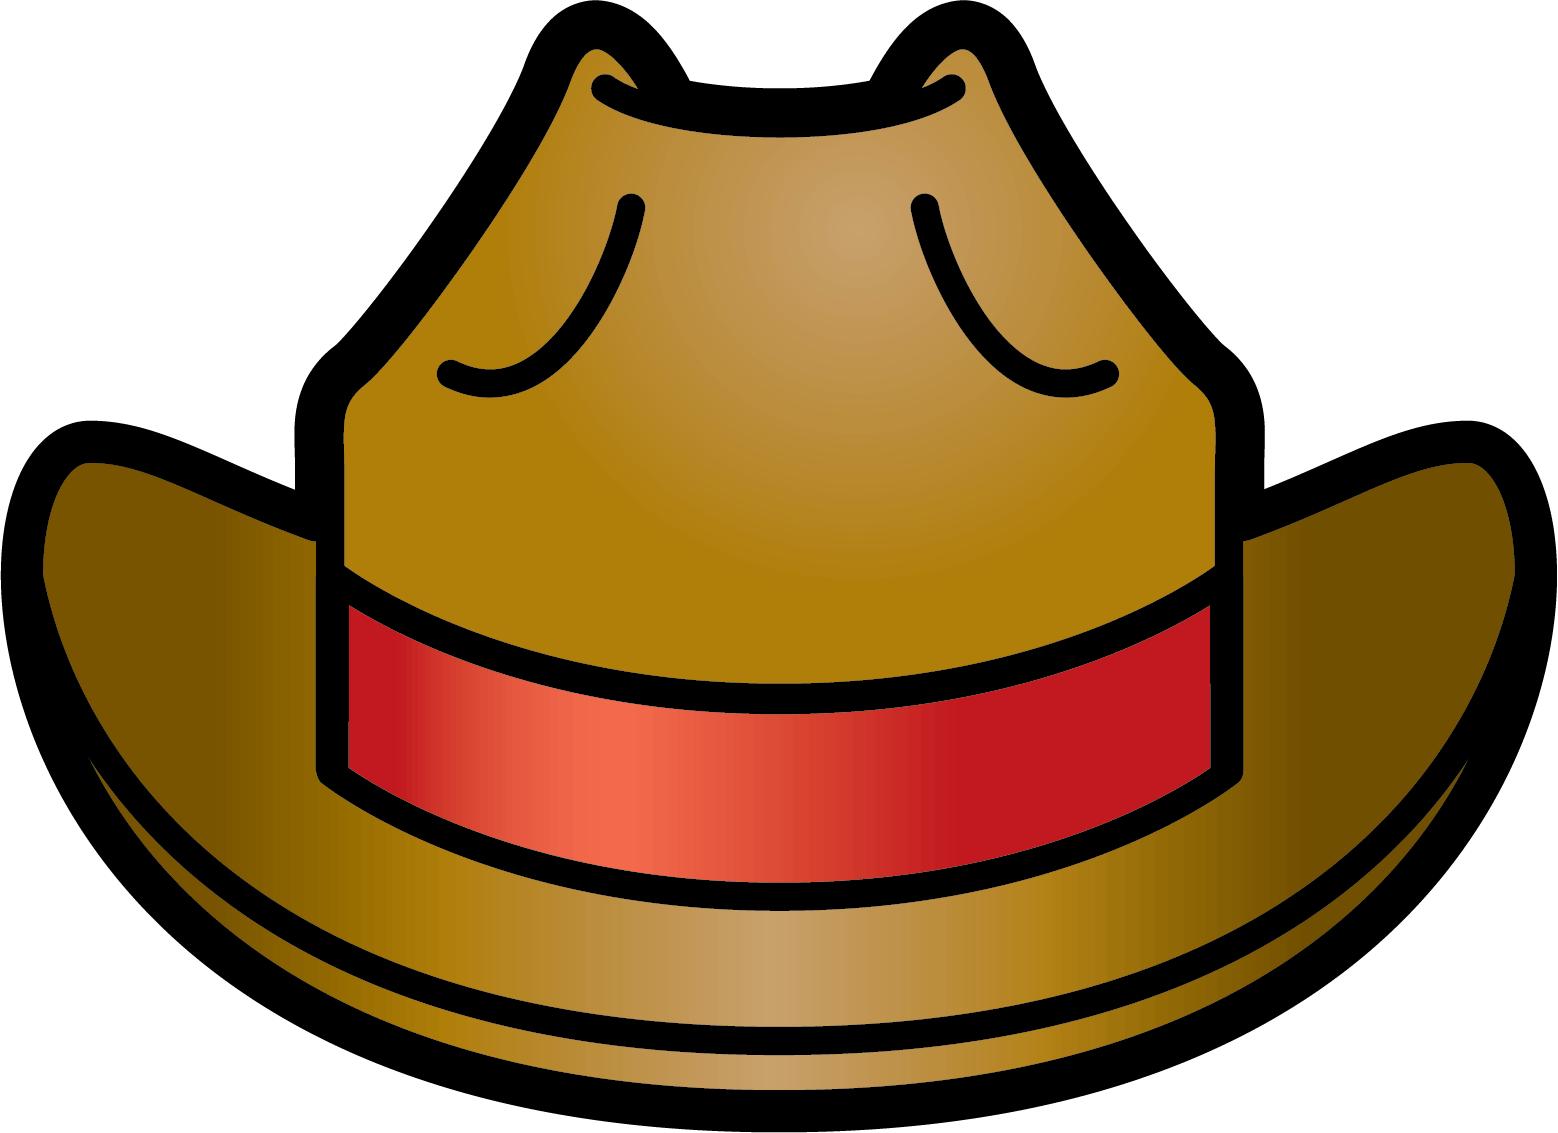 1558x1133 Cowboy Clipart Funny Hat